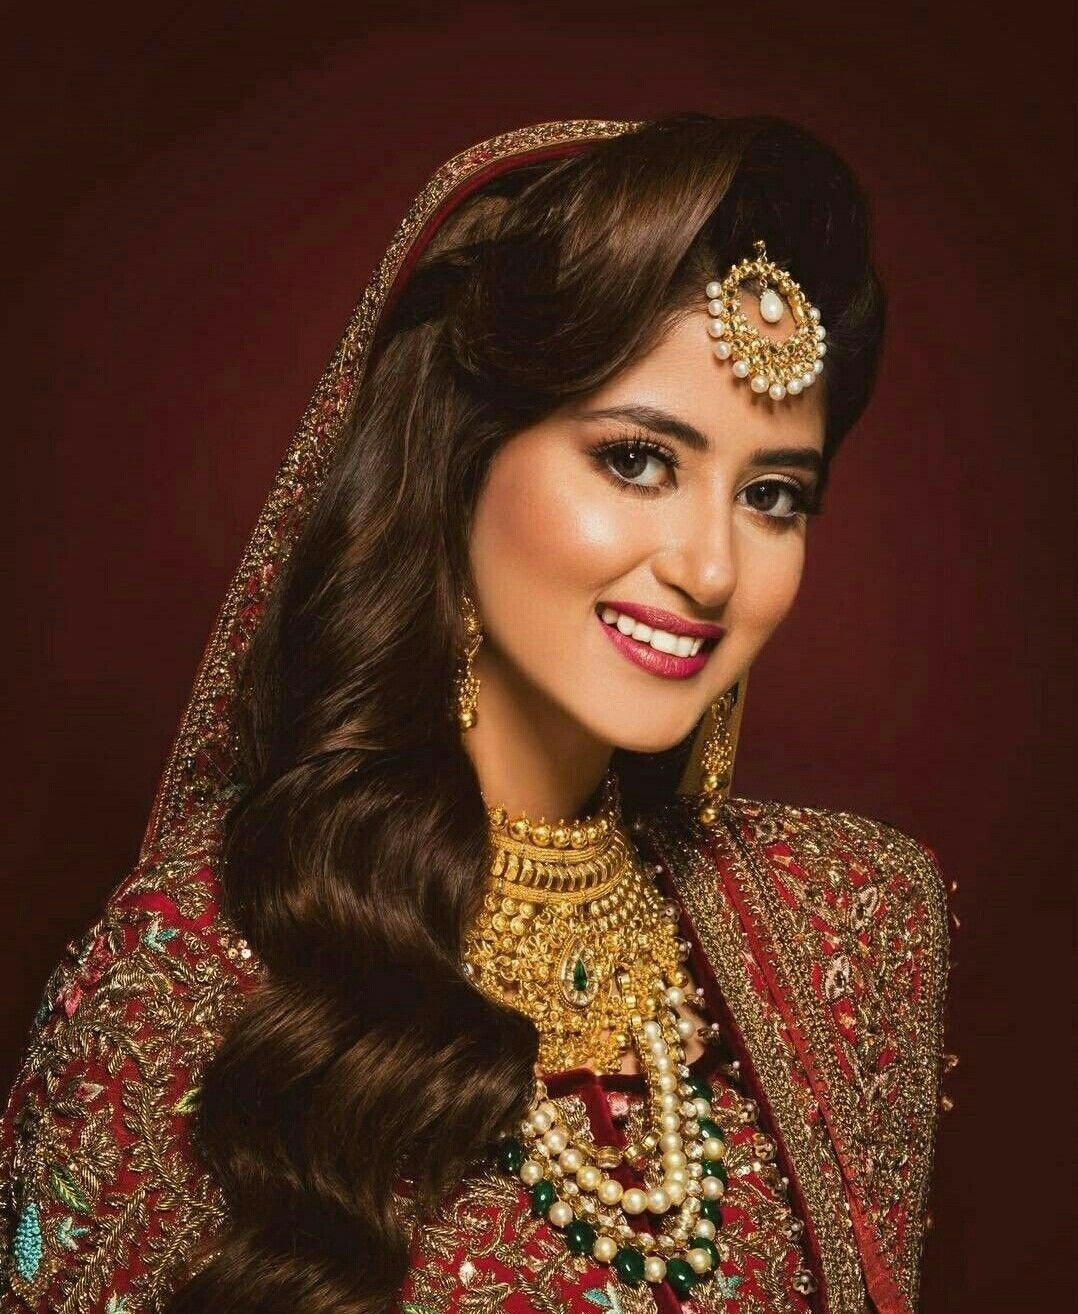 pin by suman zulfiqar on makeup | pakistani bridal wear